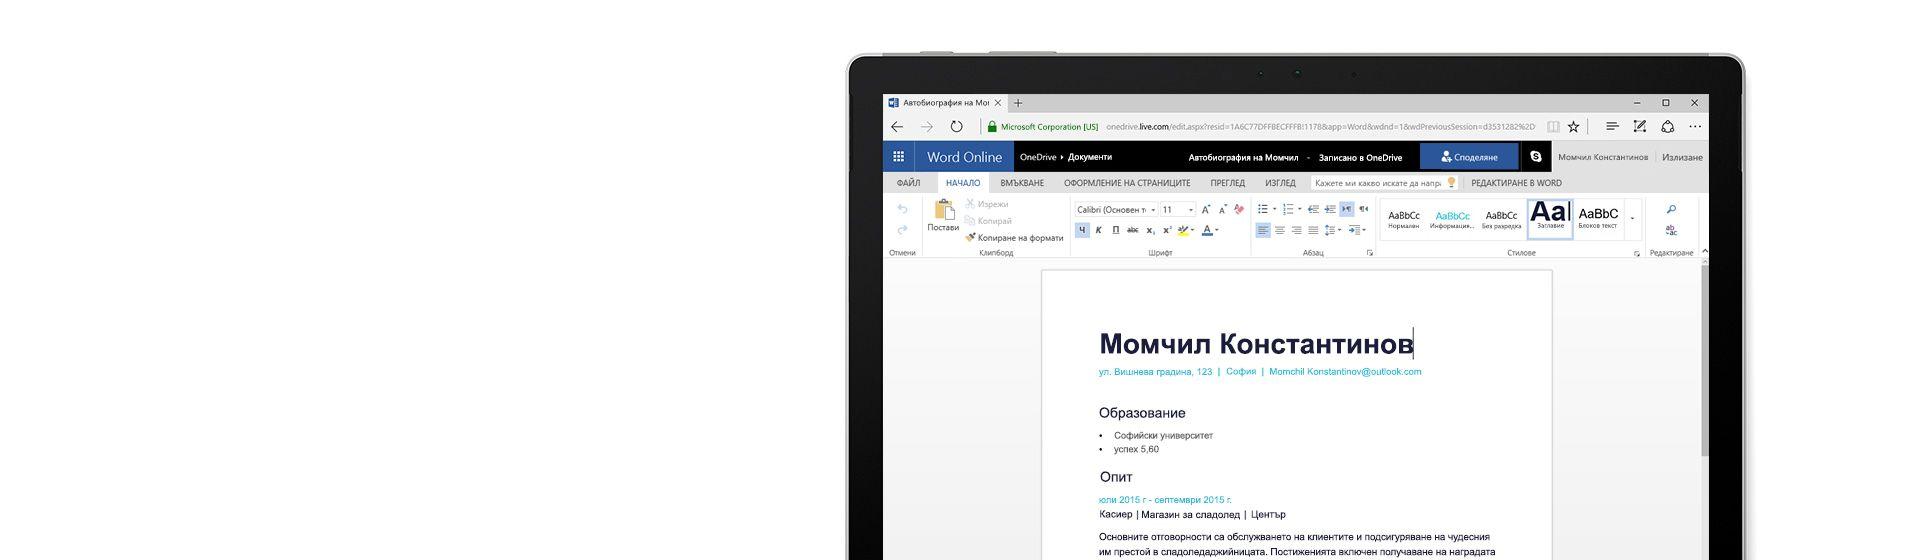 Екран на компютър, показващ автобиография, създадена в Word Online